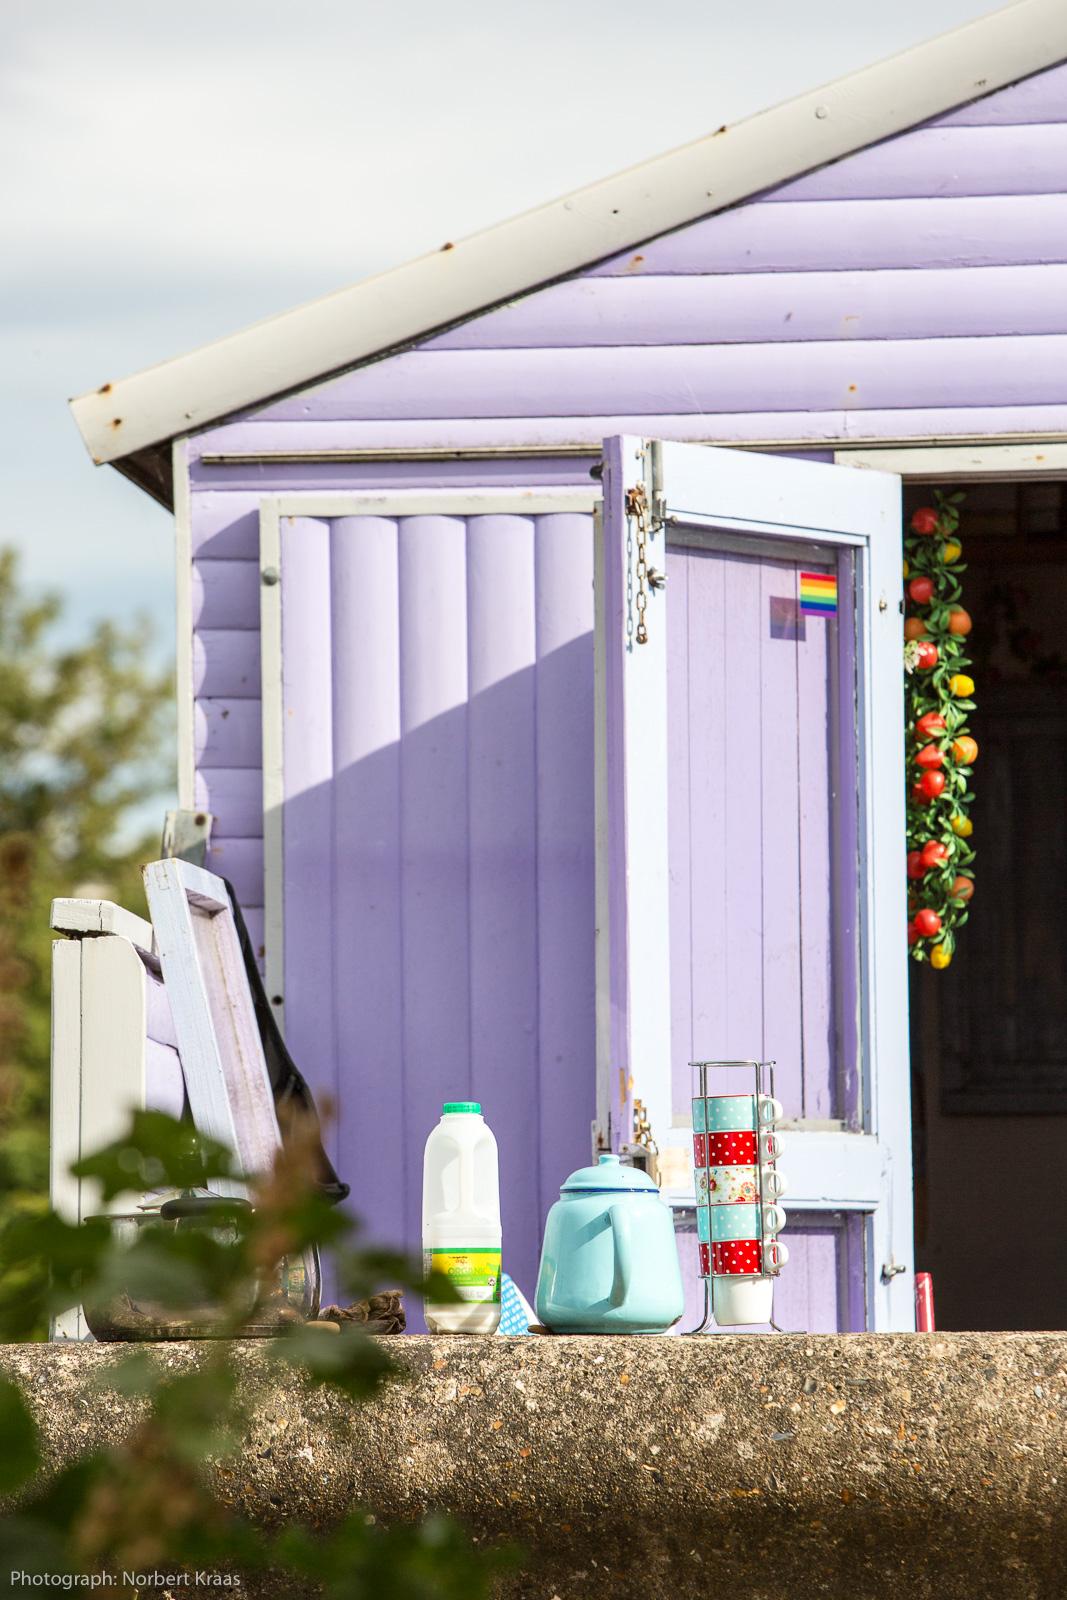 Wer würde da nicht gerne zum Tee eingeladen werden? Strandhütte in Whitstable, Kent.